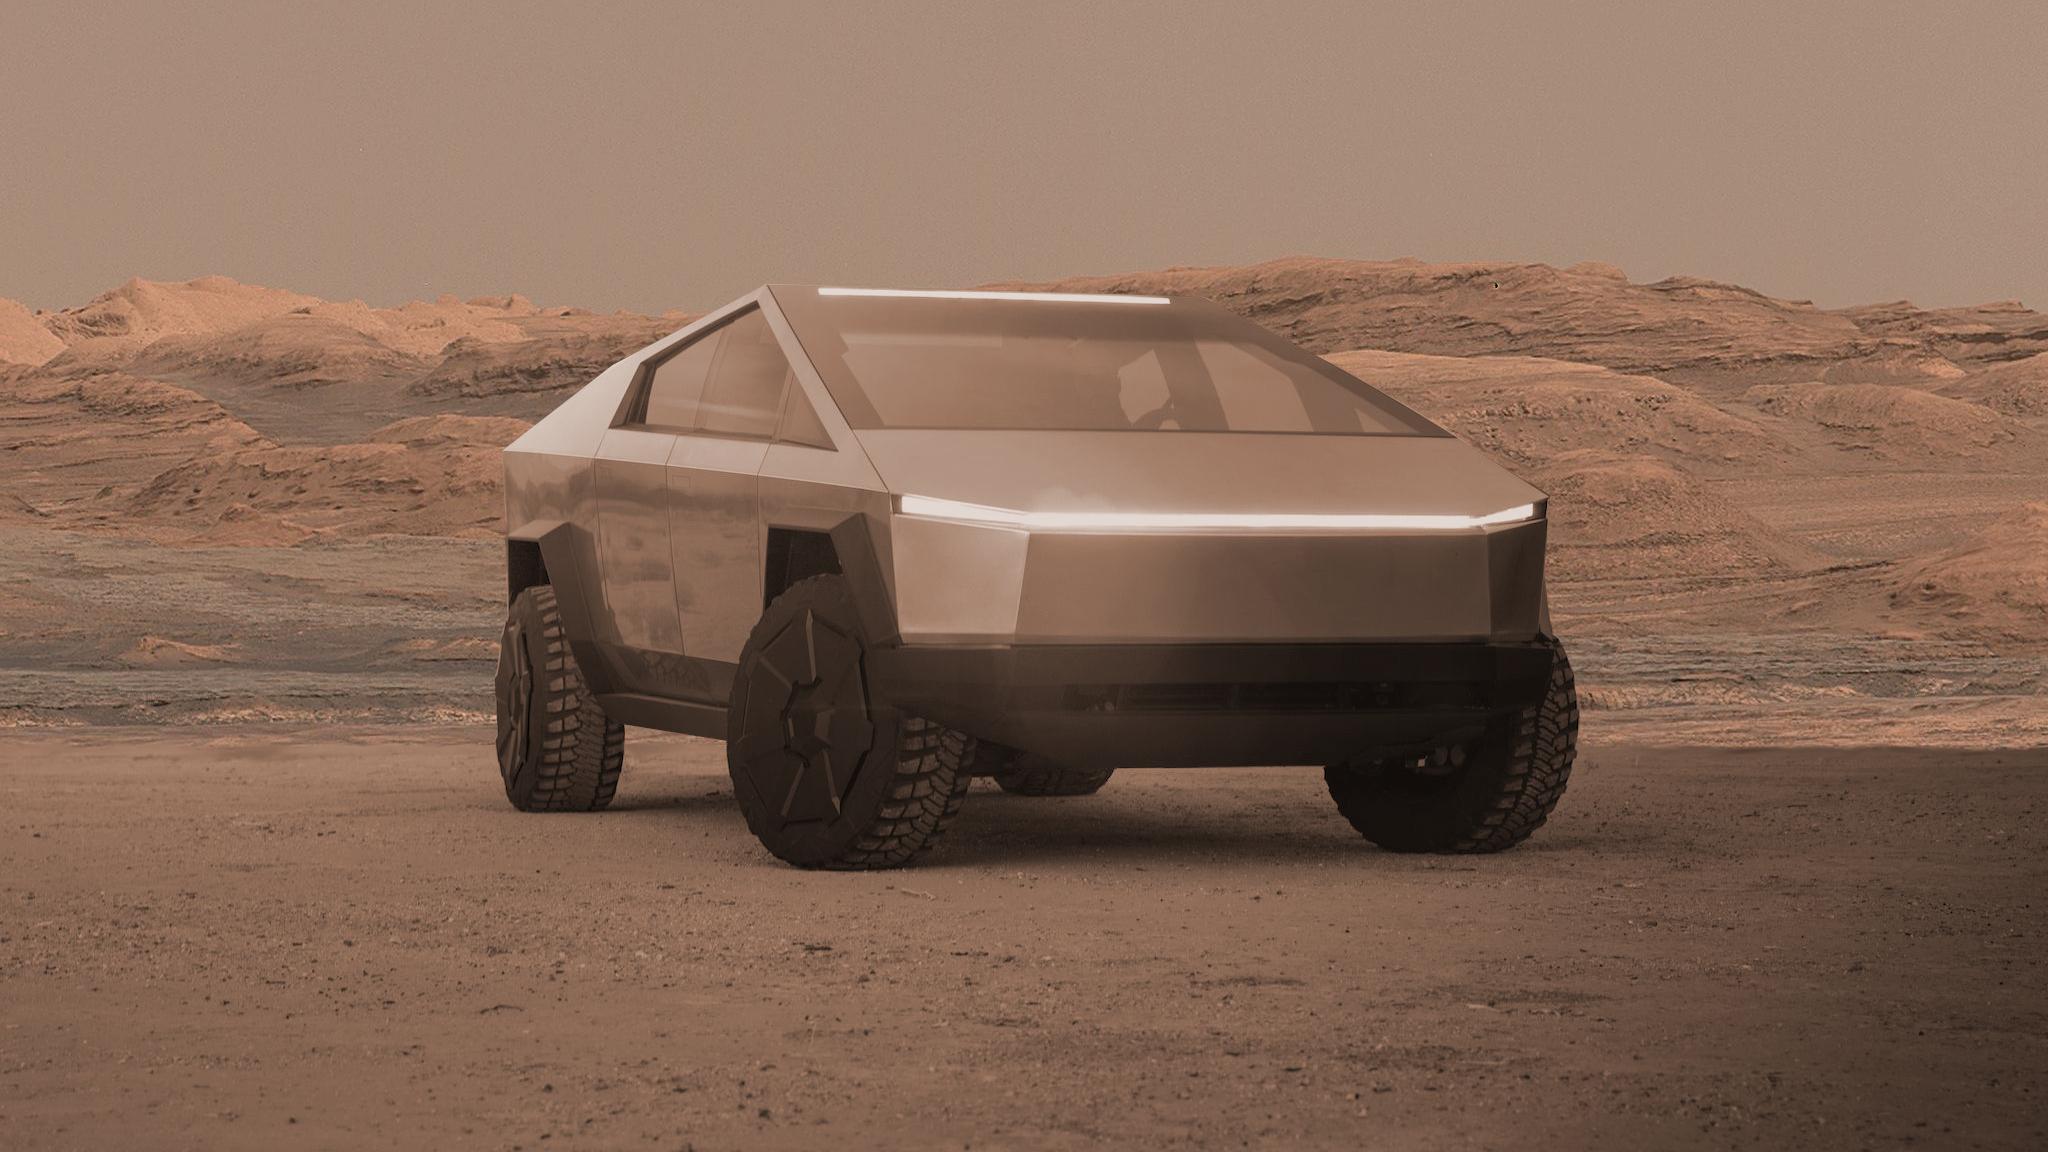 ملاقات با مریخی | سایبرتراک تسلا